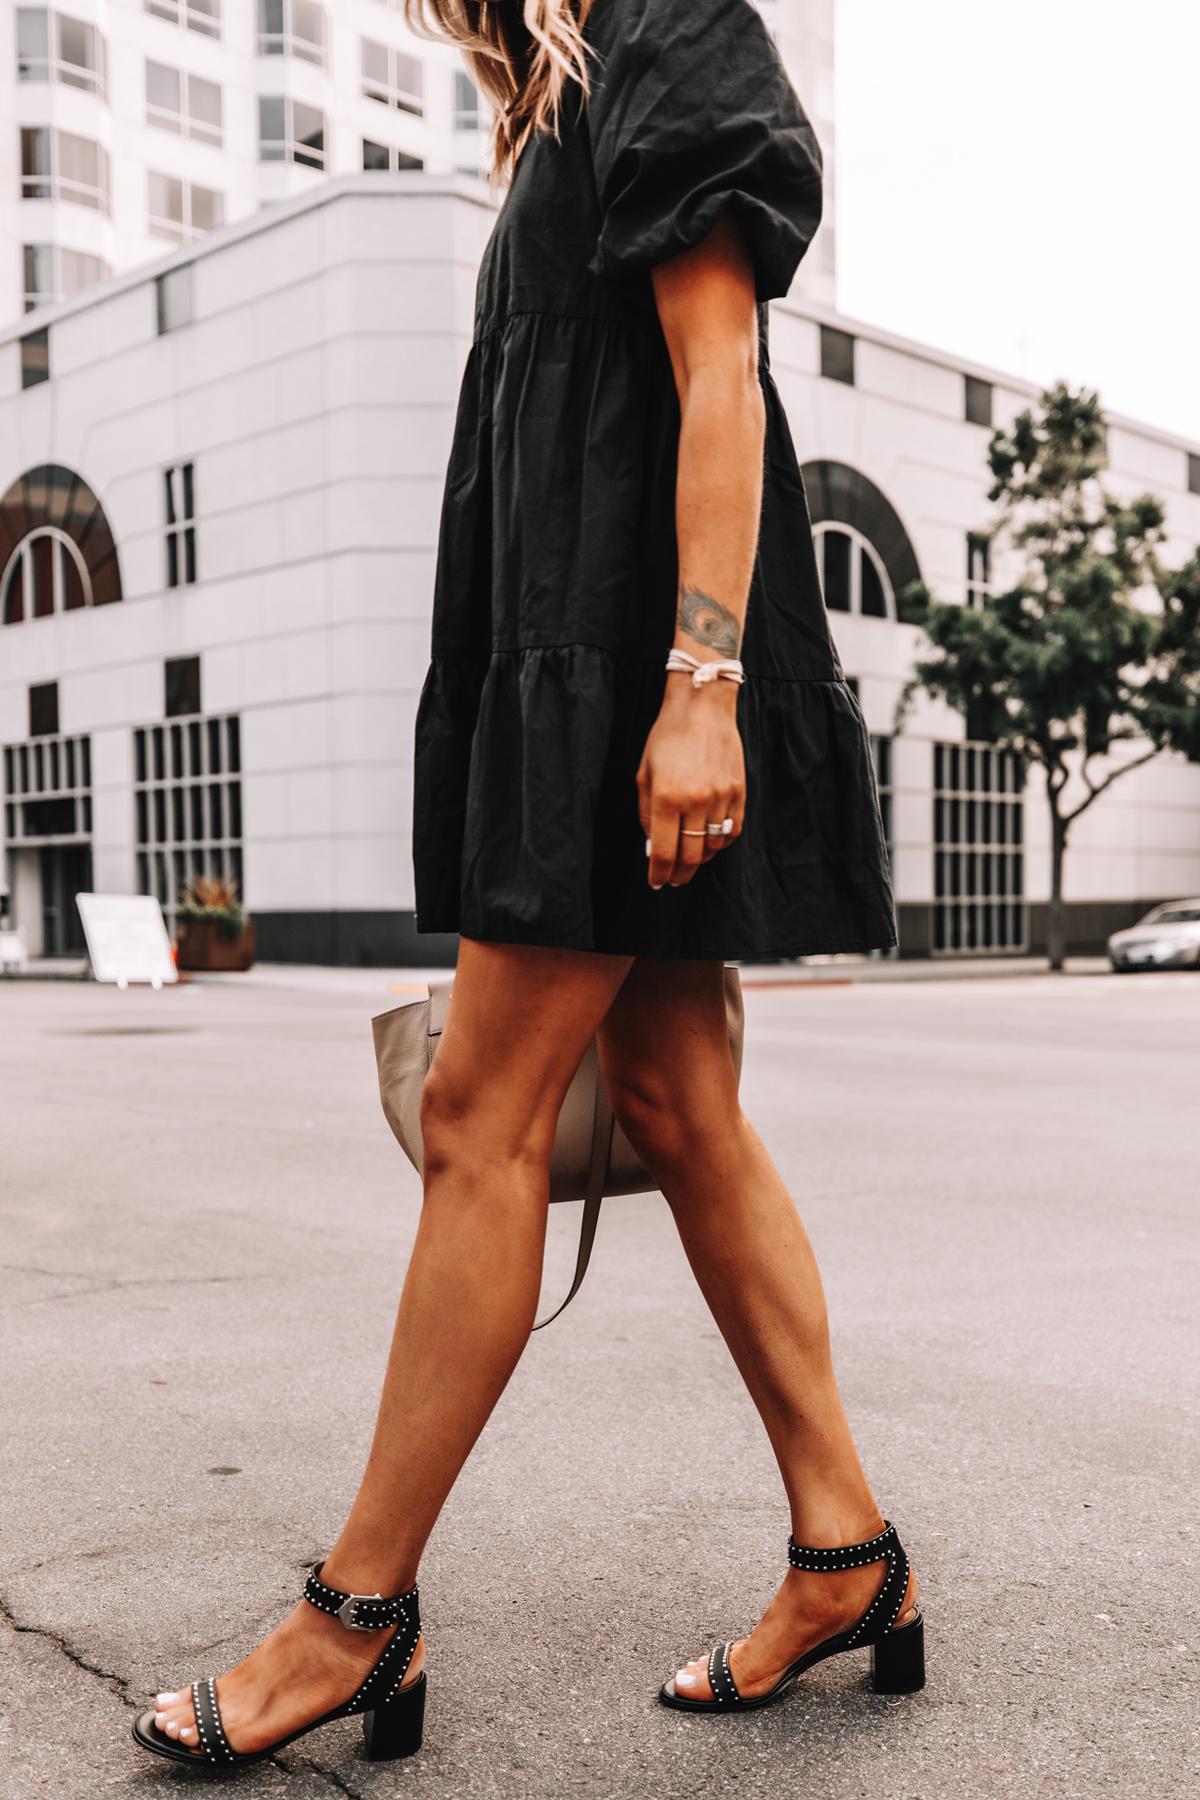 Fashion Jackson Wearing Black Ruffle Dress Givenchy Elegant 60 studded leather sandals Black 1